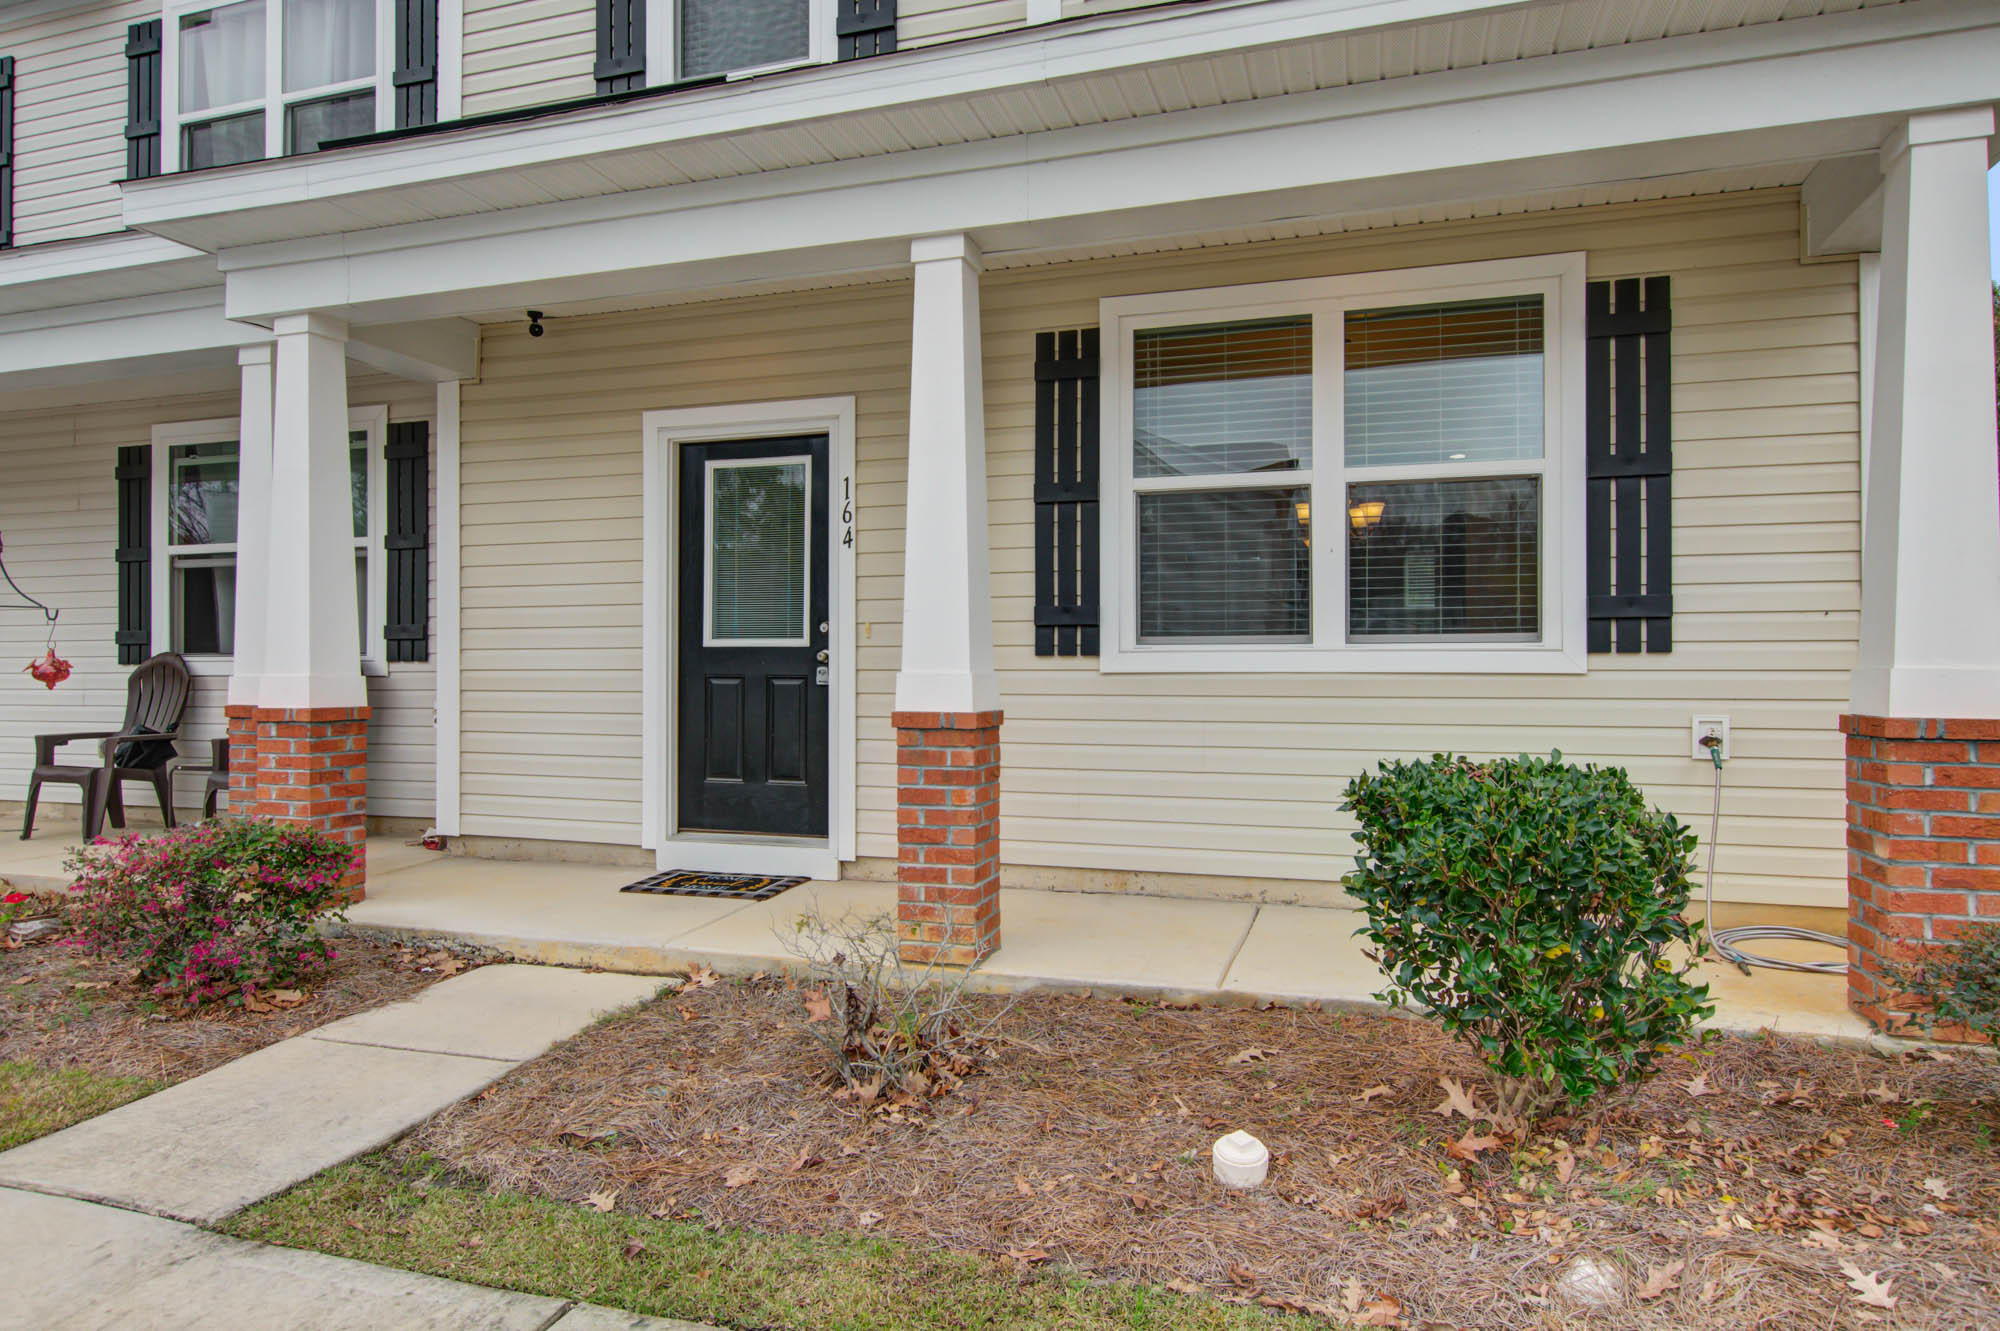 Hidden Palms Homes For Sale - 164 Hidden Palms, Summerville, SC - 16